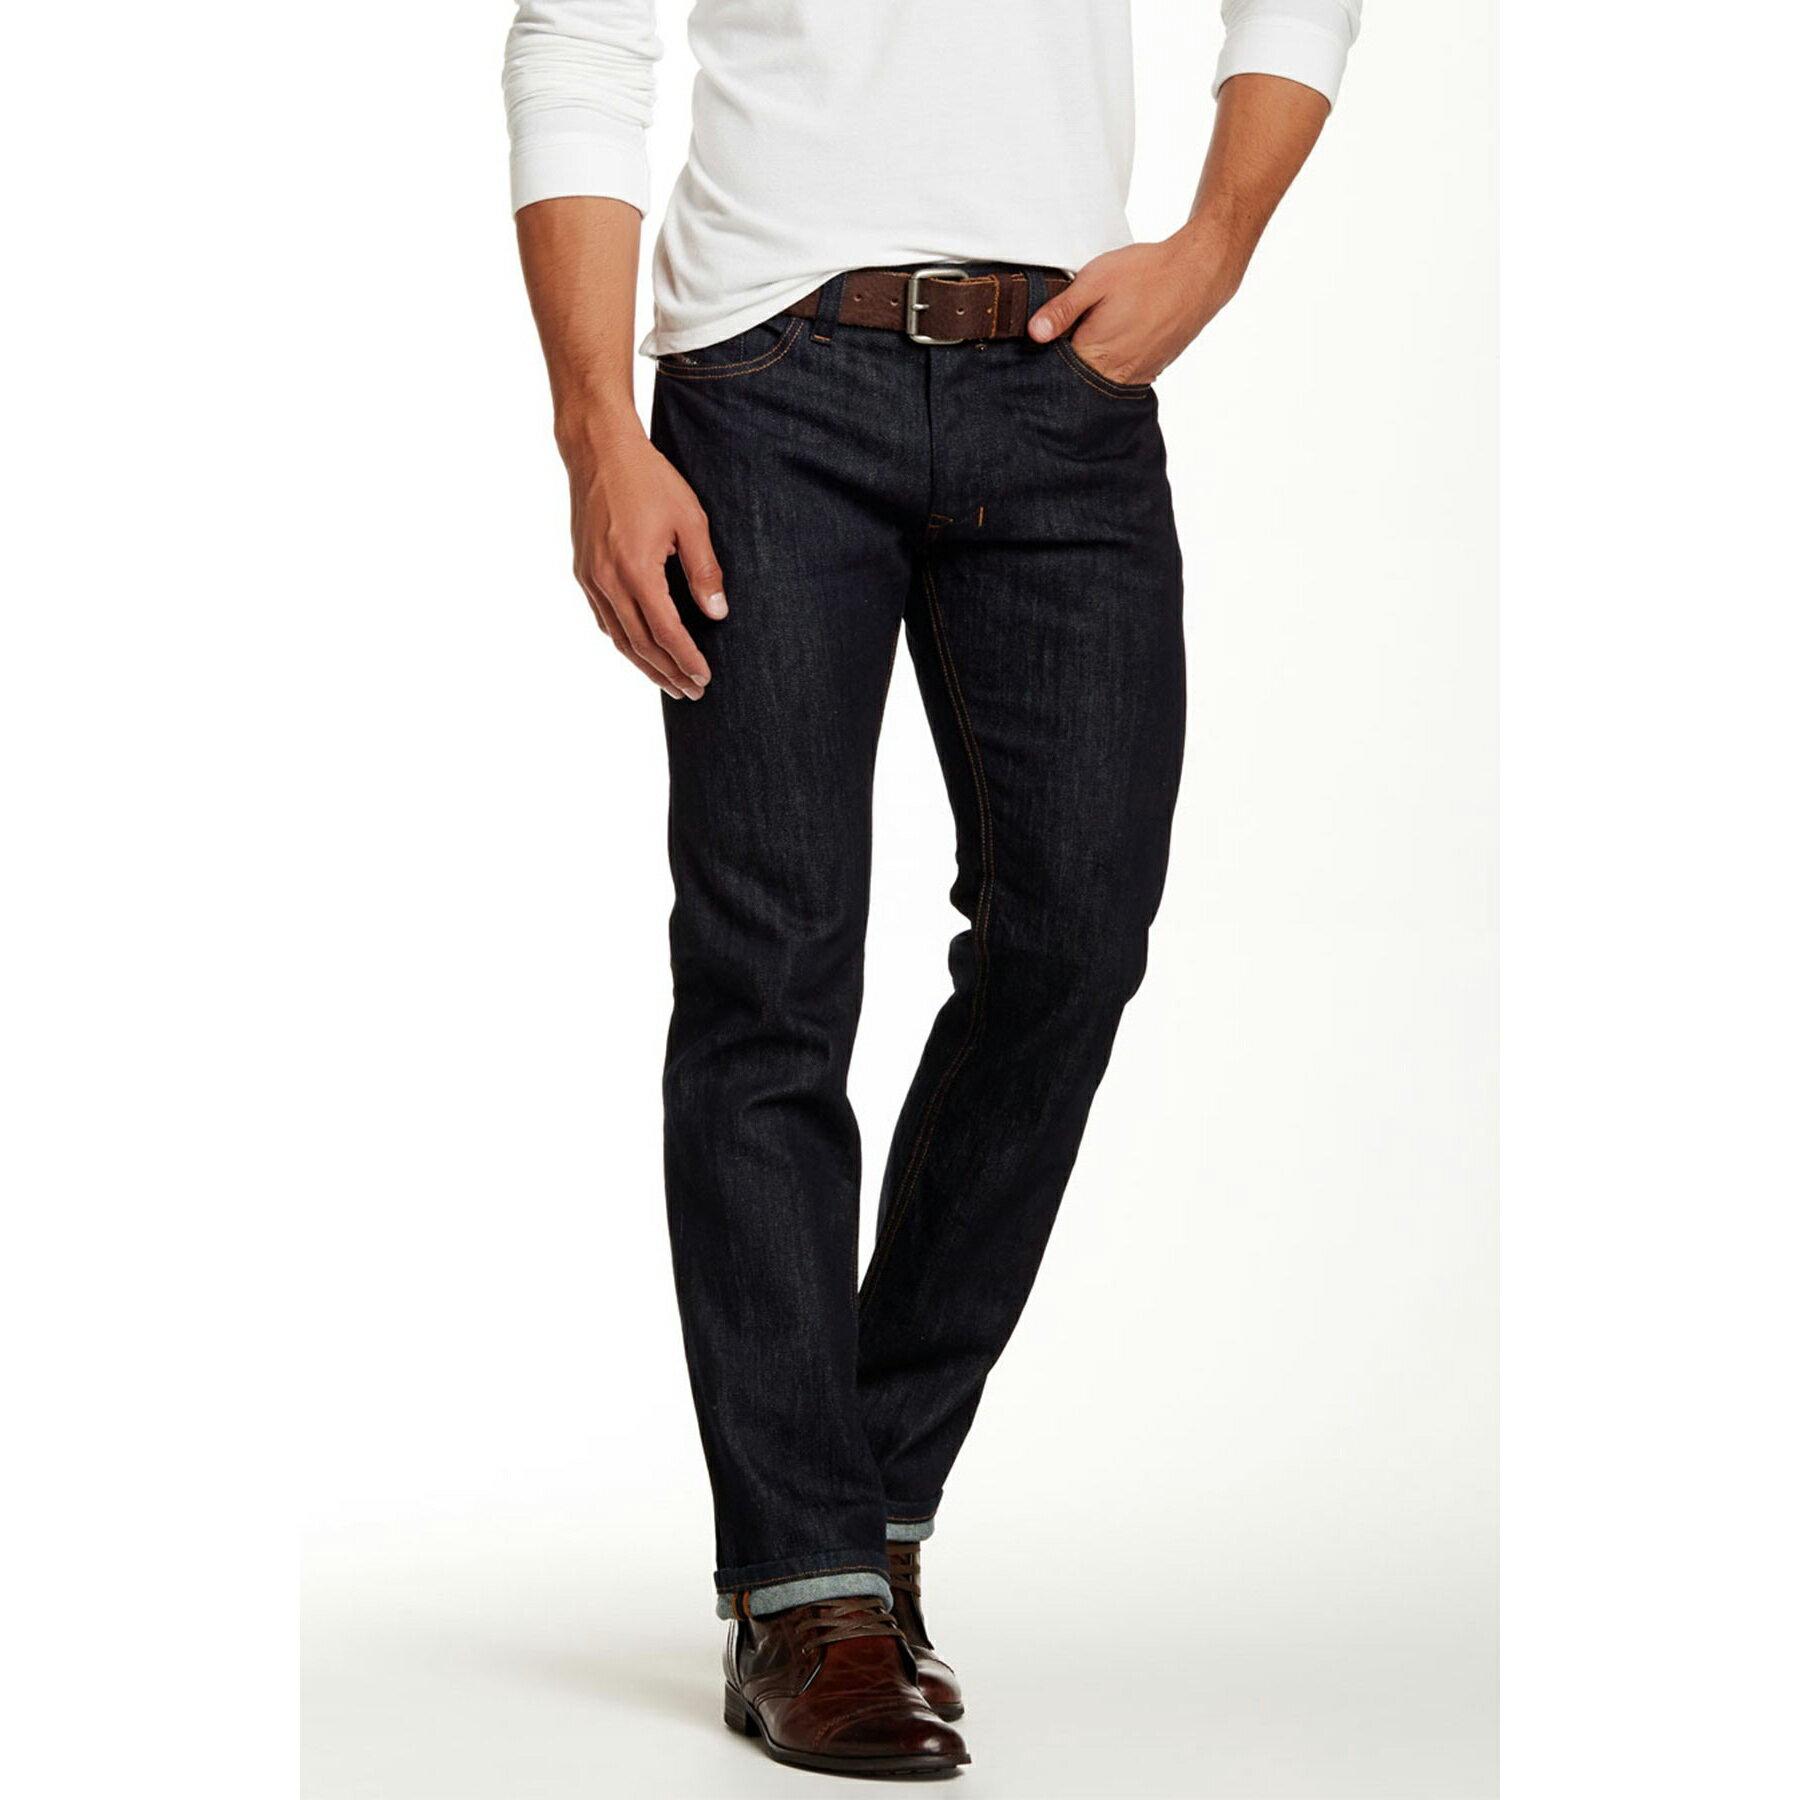 美國百分百【Diesel】褲子 SAFADO 牛仔褲 丹寧褲 休閒褲 小直筒 Regular Slim 深藍 28 30 32腰 F692